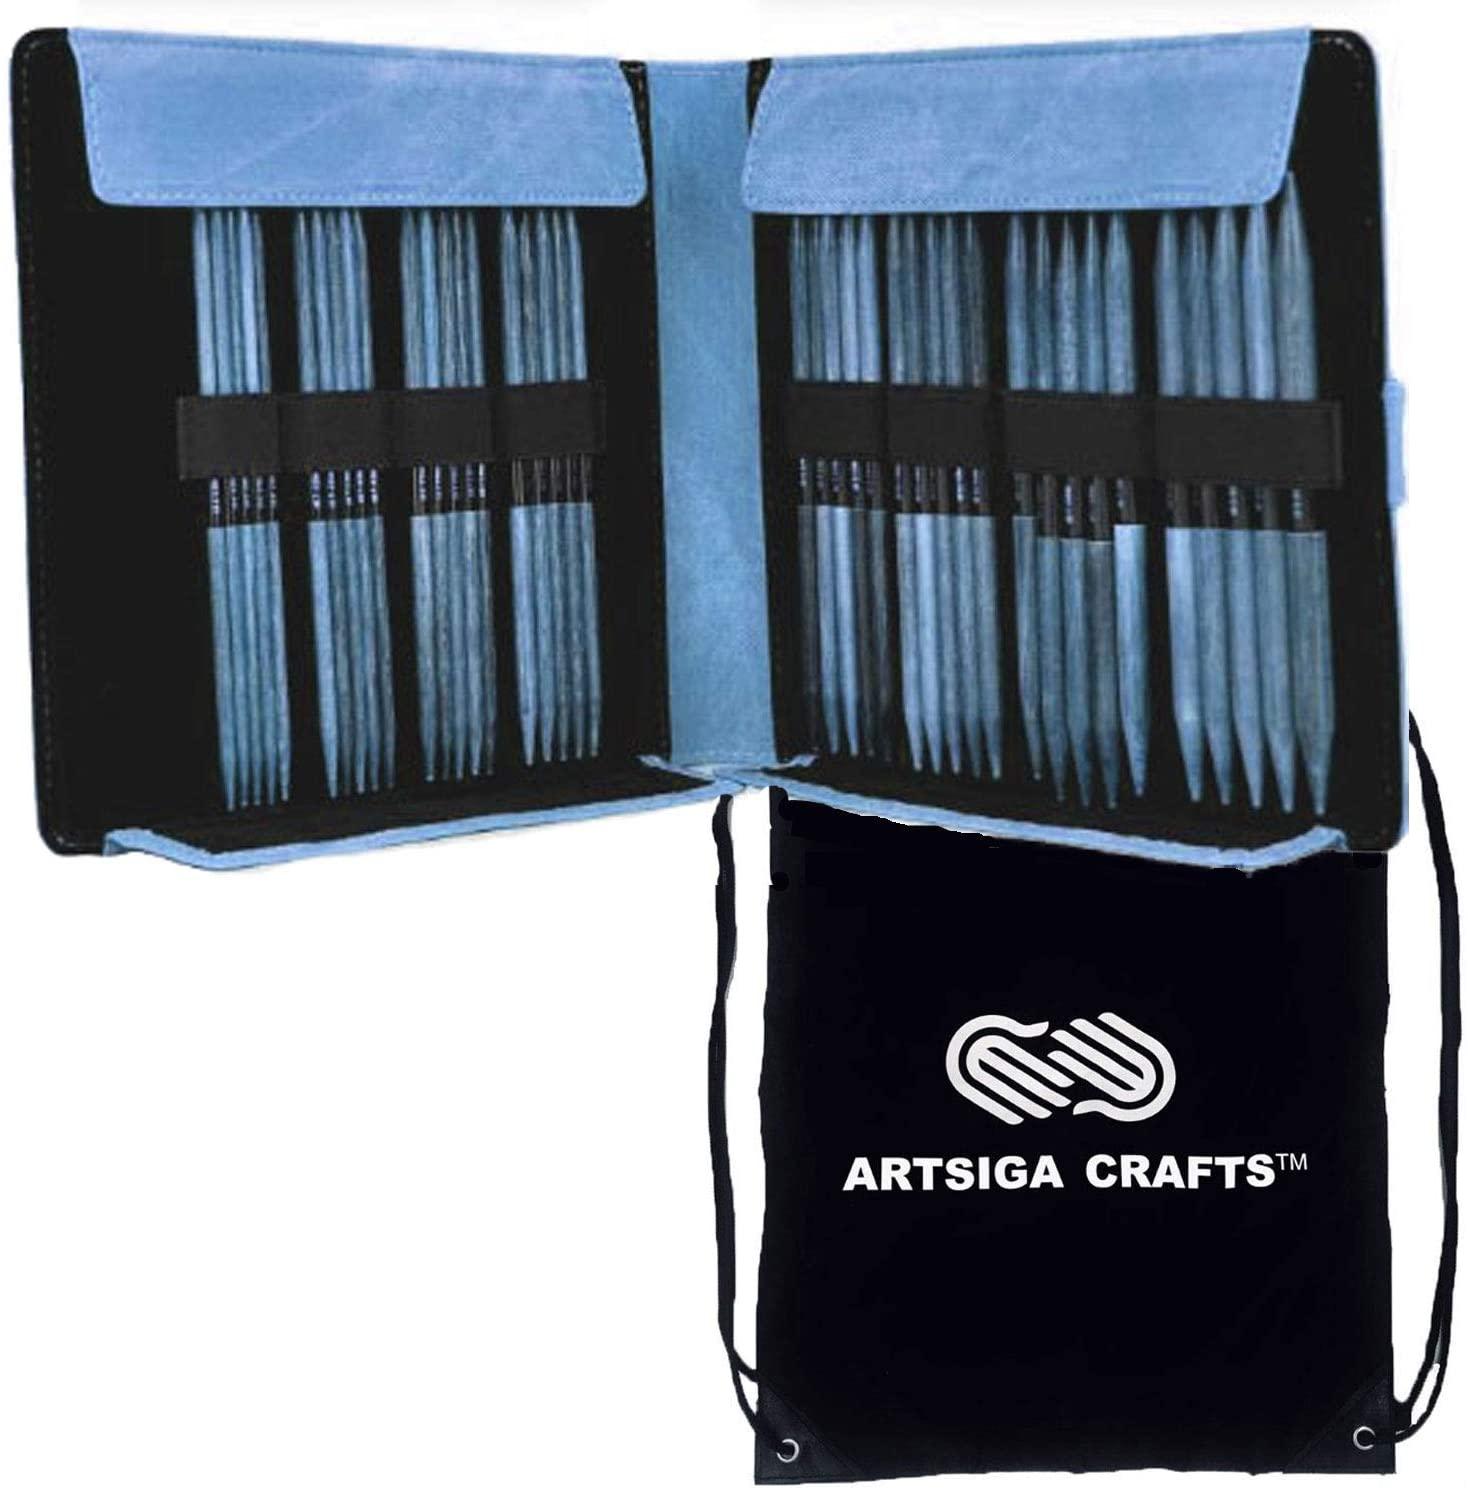 Lykke Knitting Needles Double Point DPN Large Size Set Indigo 6 inches Long (15cm) Indigo Denim Faux LeatherDouble Pointed Large Set Bundle with Artsiga Crafts Project Bag